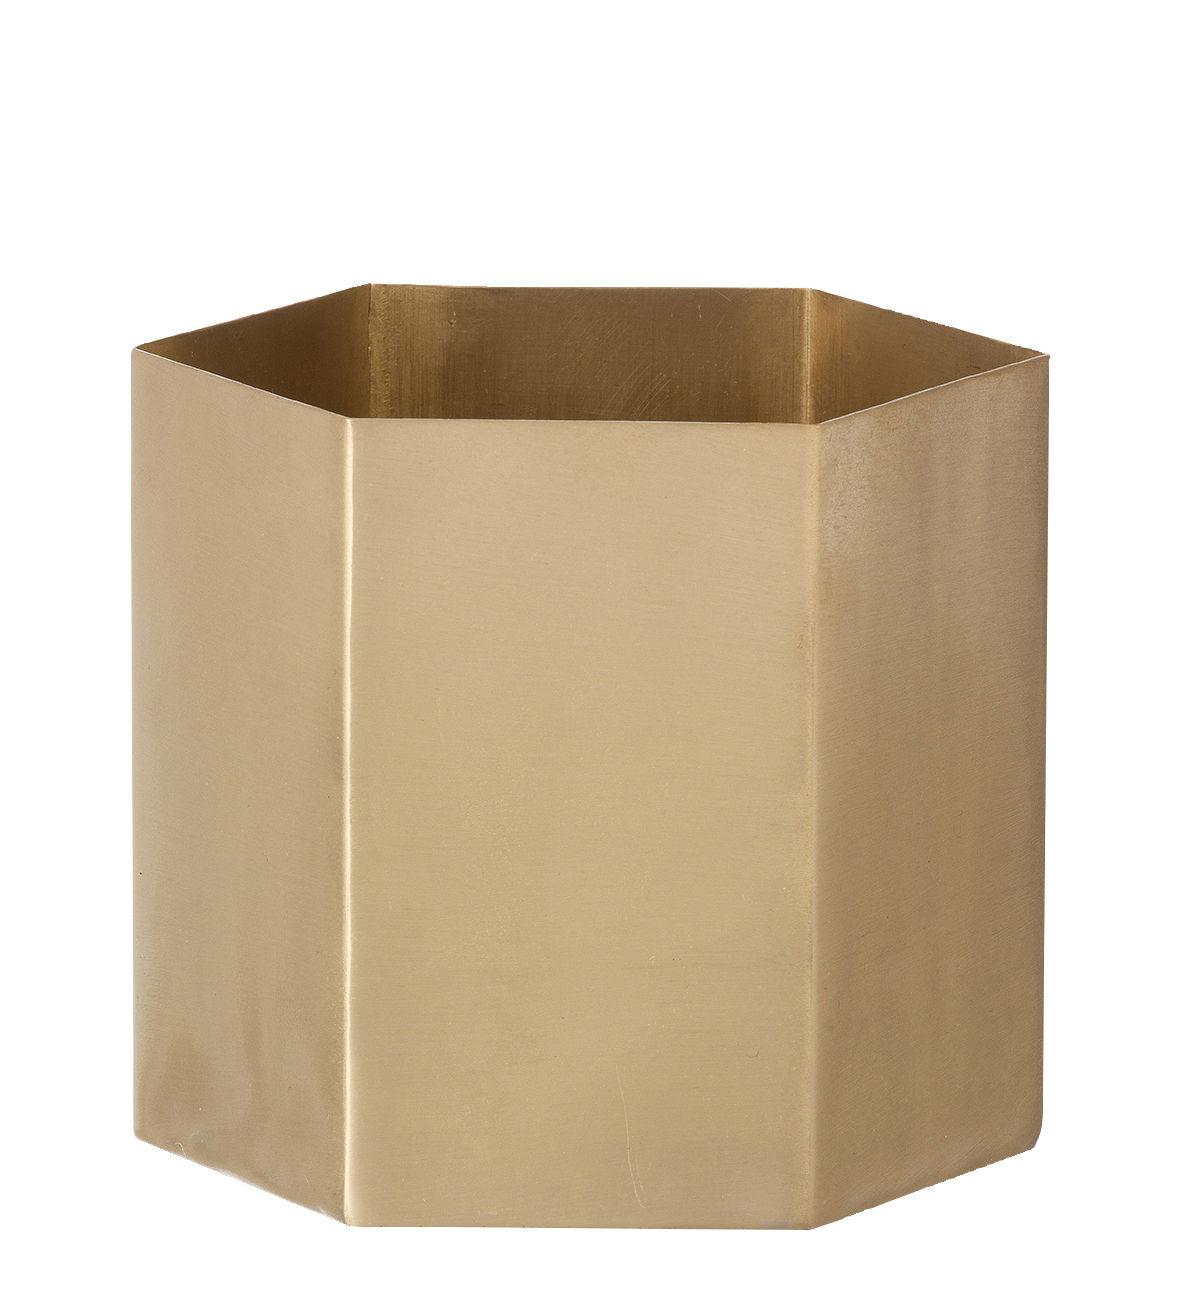 Accessories - Desk & Office Accessories - Hexagon Large Flowerpot by Ferm Living - Gold - Brass